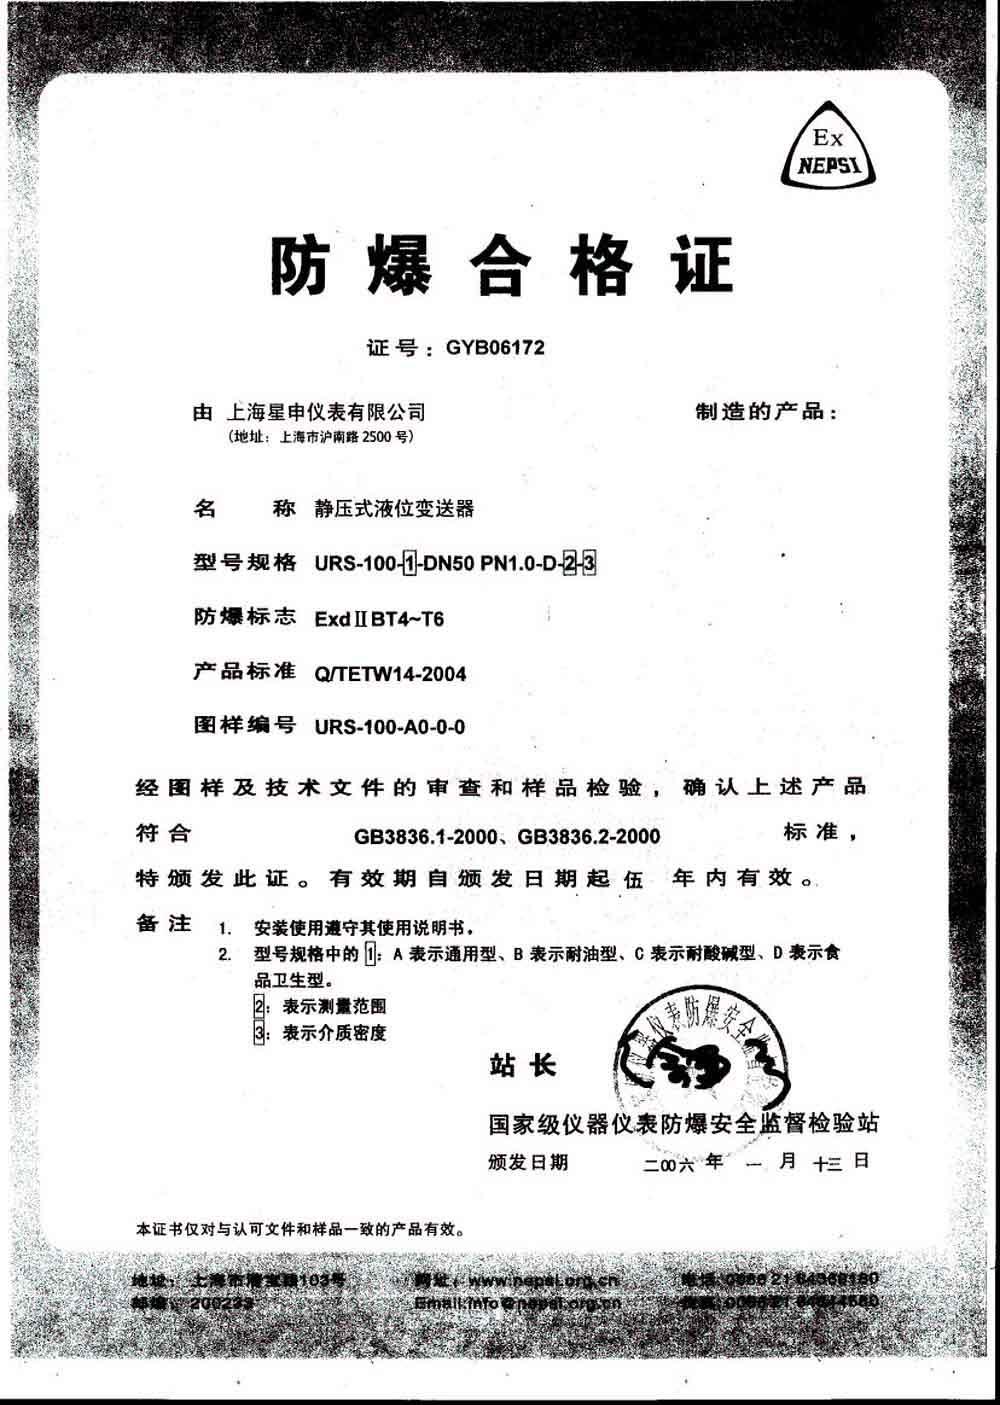 防爆合格证(隔爆型)-URS-100(GYB06172)